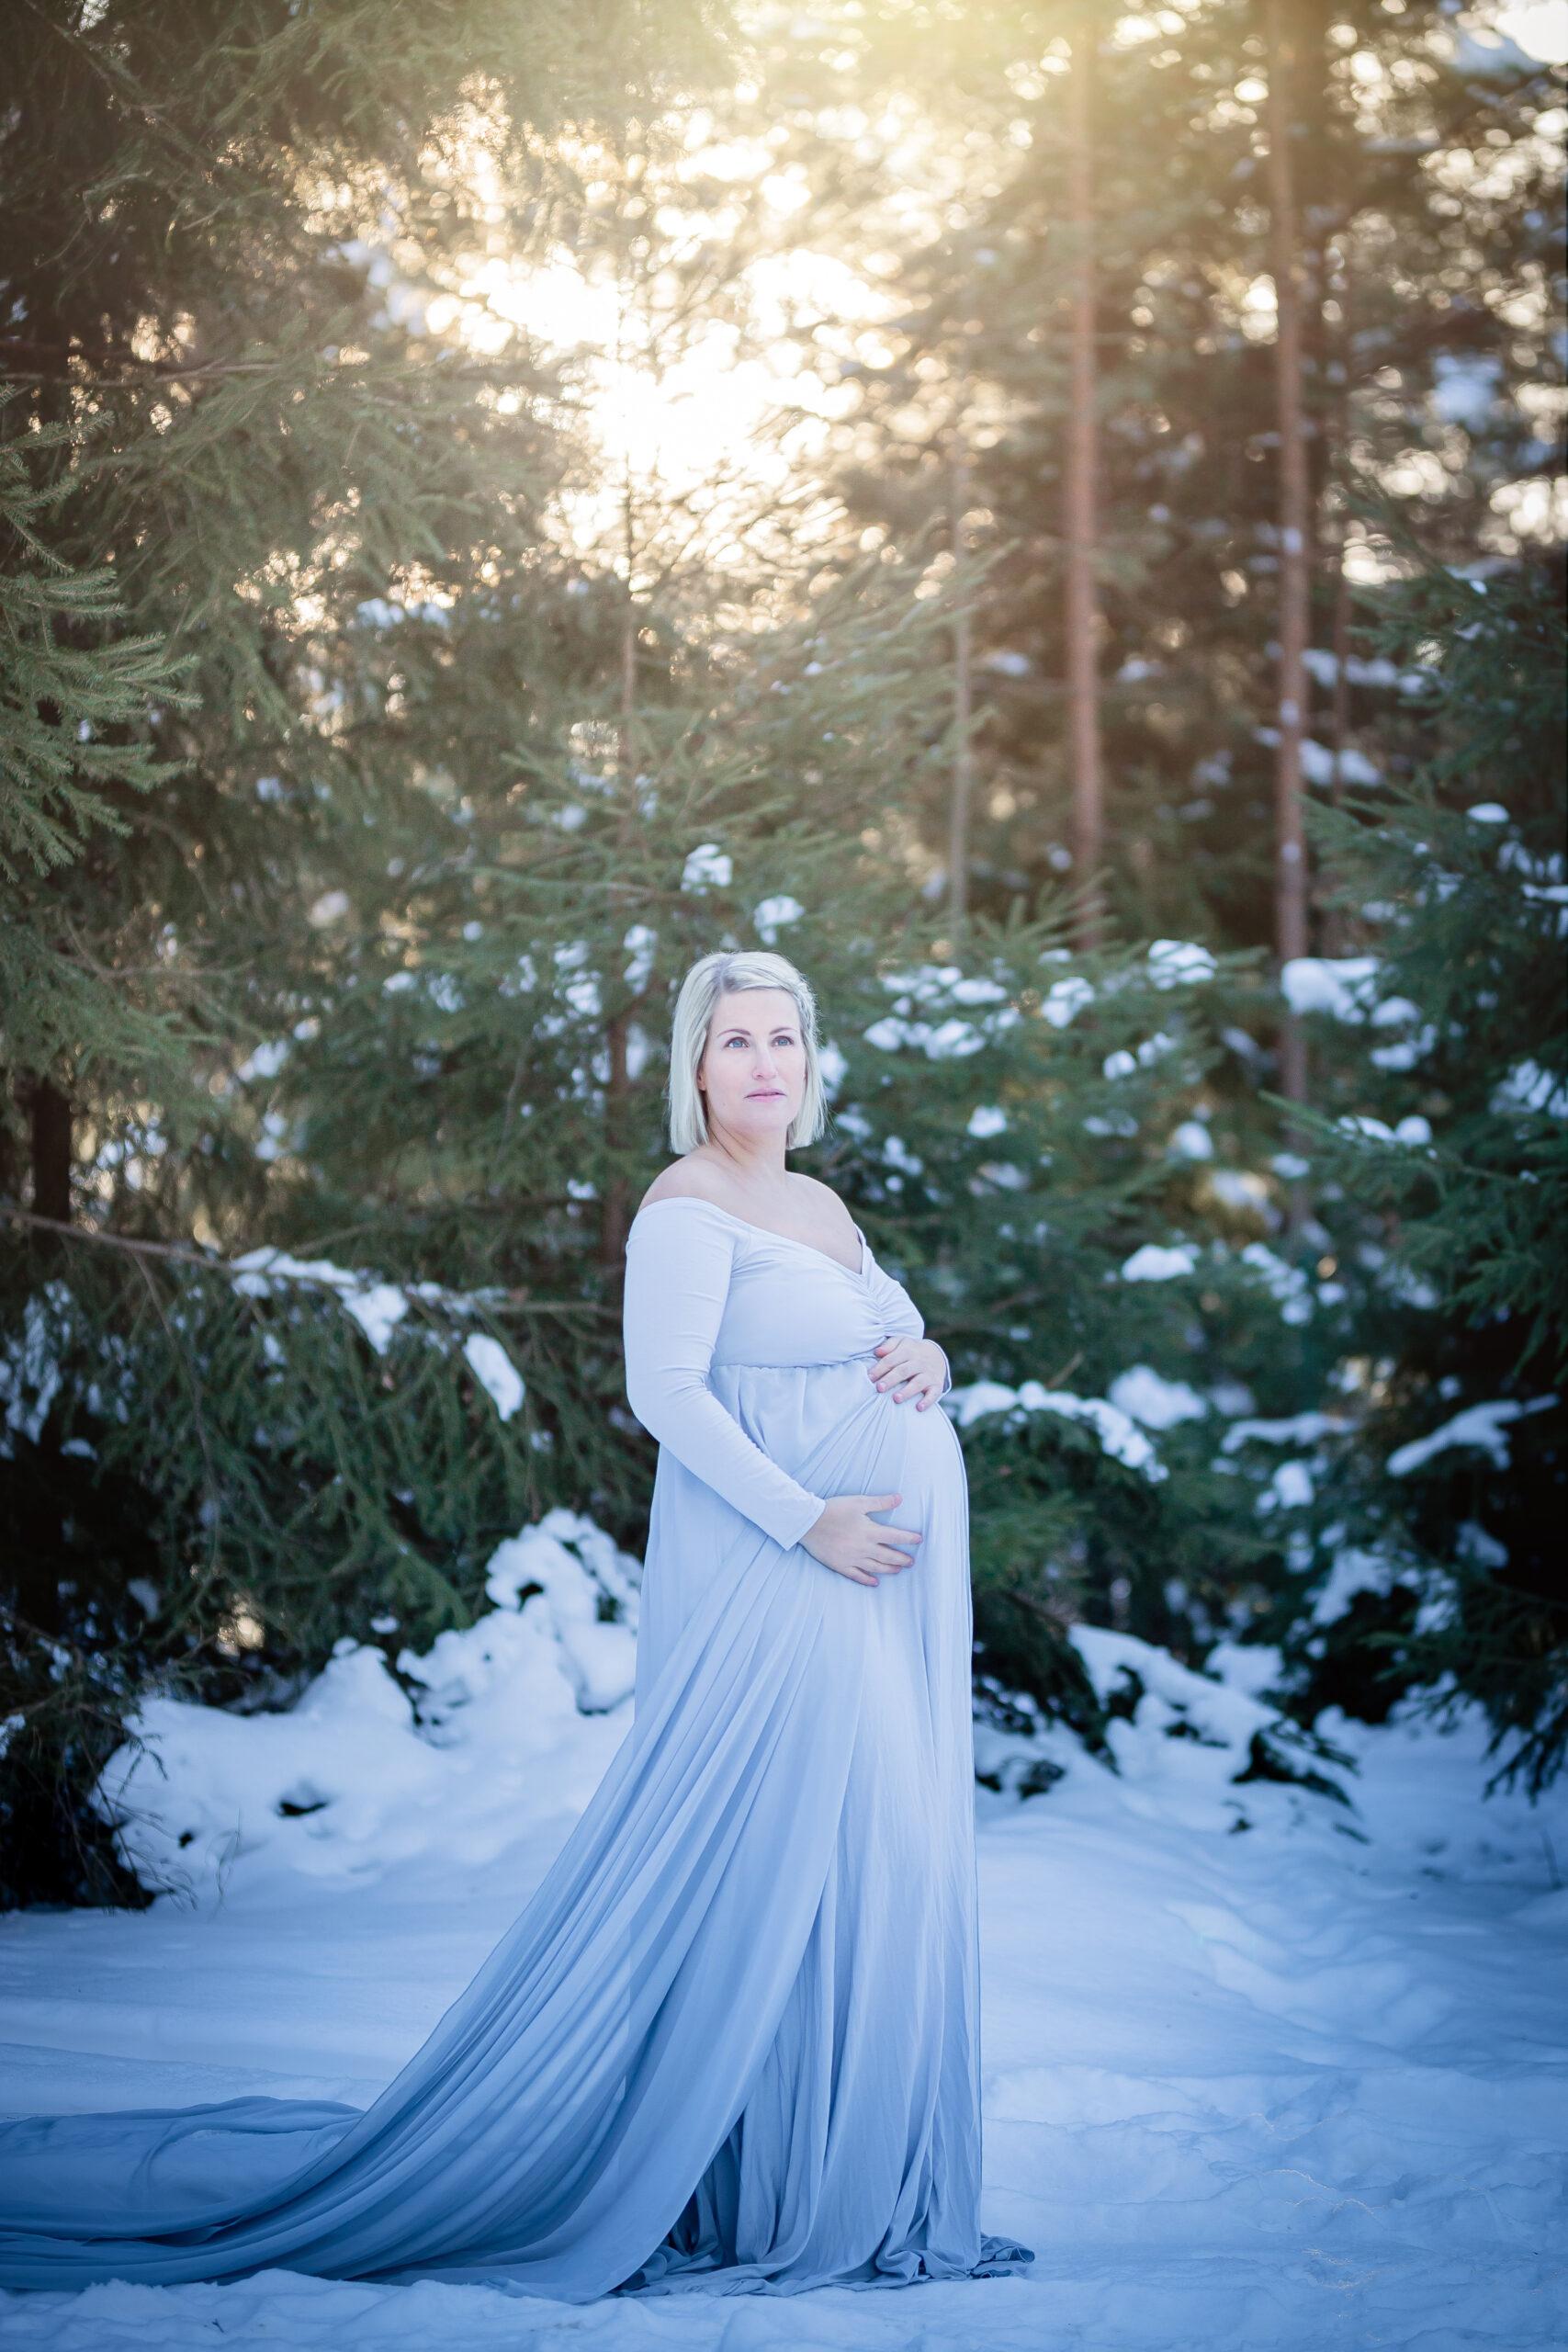 Noxine.se Marie gravidfotografering 2021 02. 8